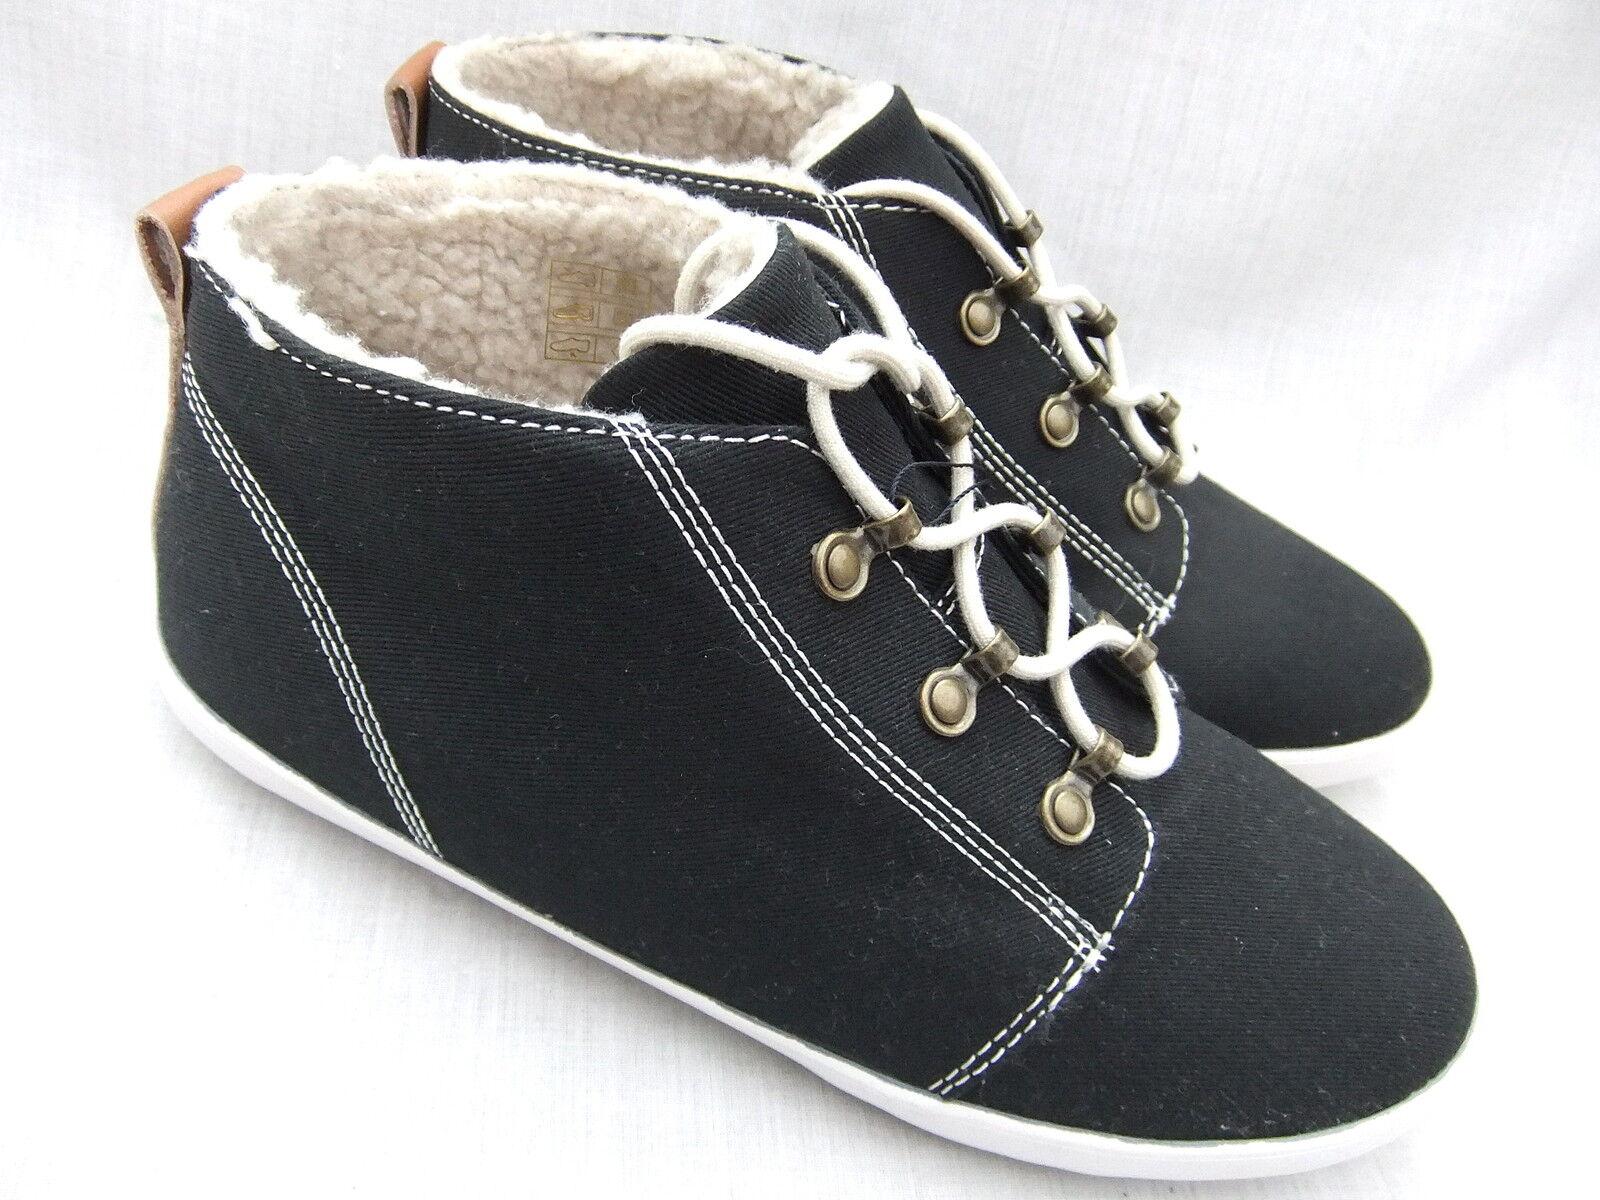 NEW Frot PERRY damen B1097W GLOBE TWILL schwarz Stiefel Größe 4 EU 37  BNIB